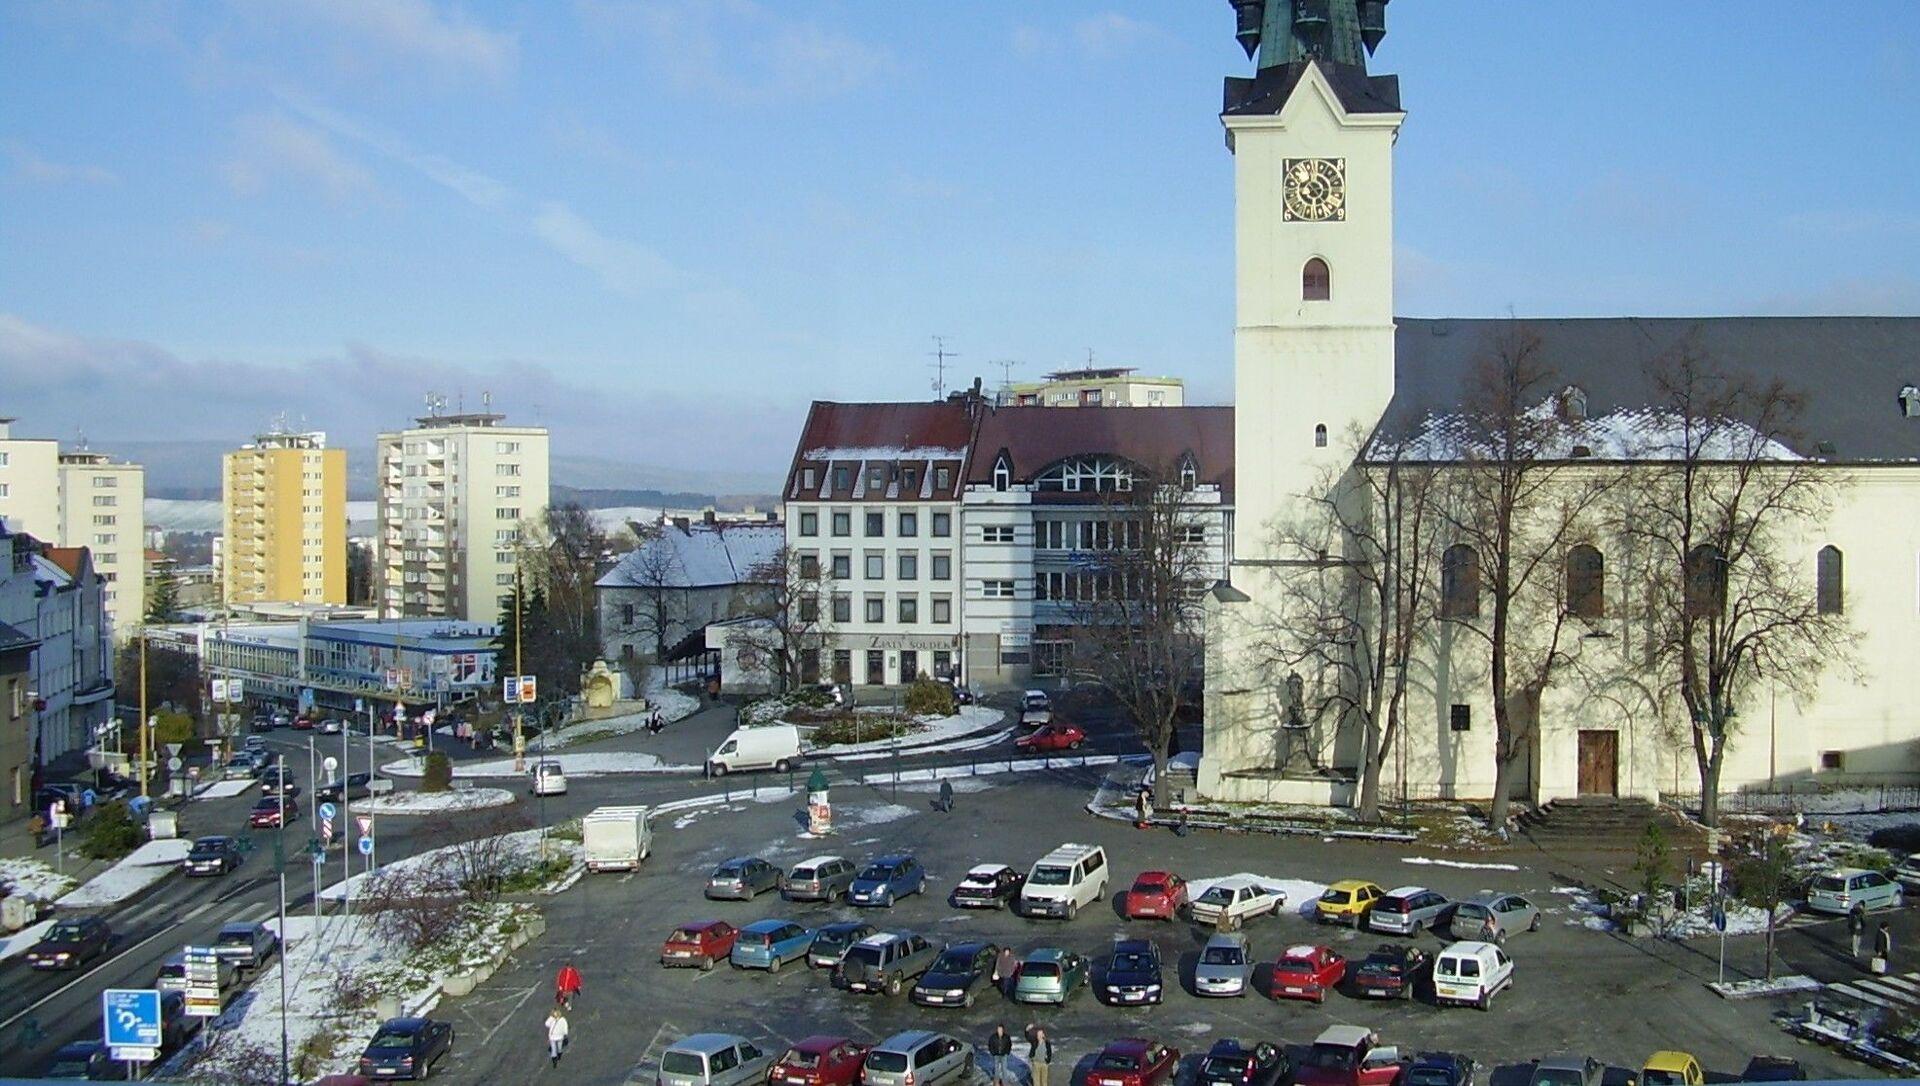 Pohled na náměstí T. G. Masaryka v Příbrami. Ilustrační foto - Sputnik Česká republika, 1920, 05.04.2021